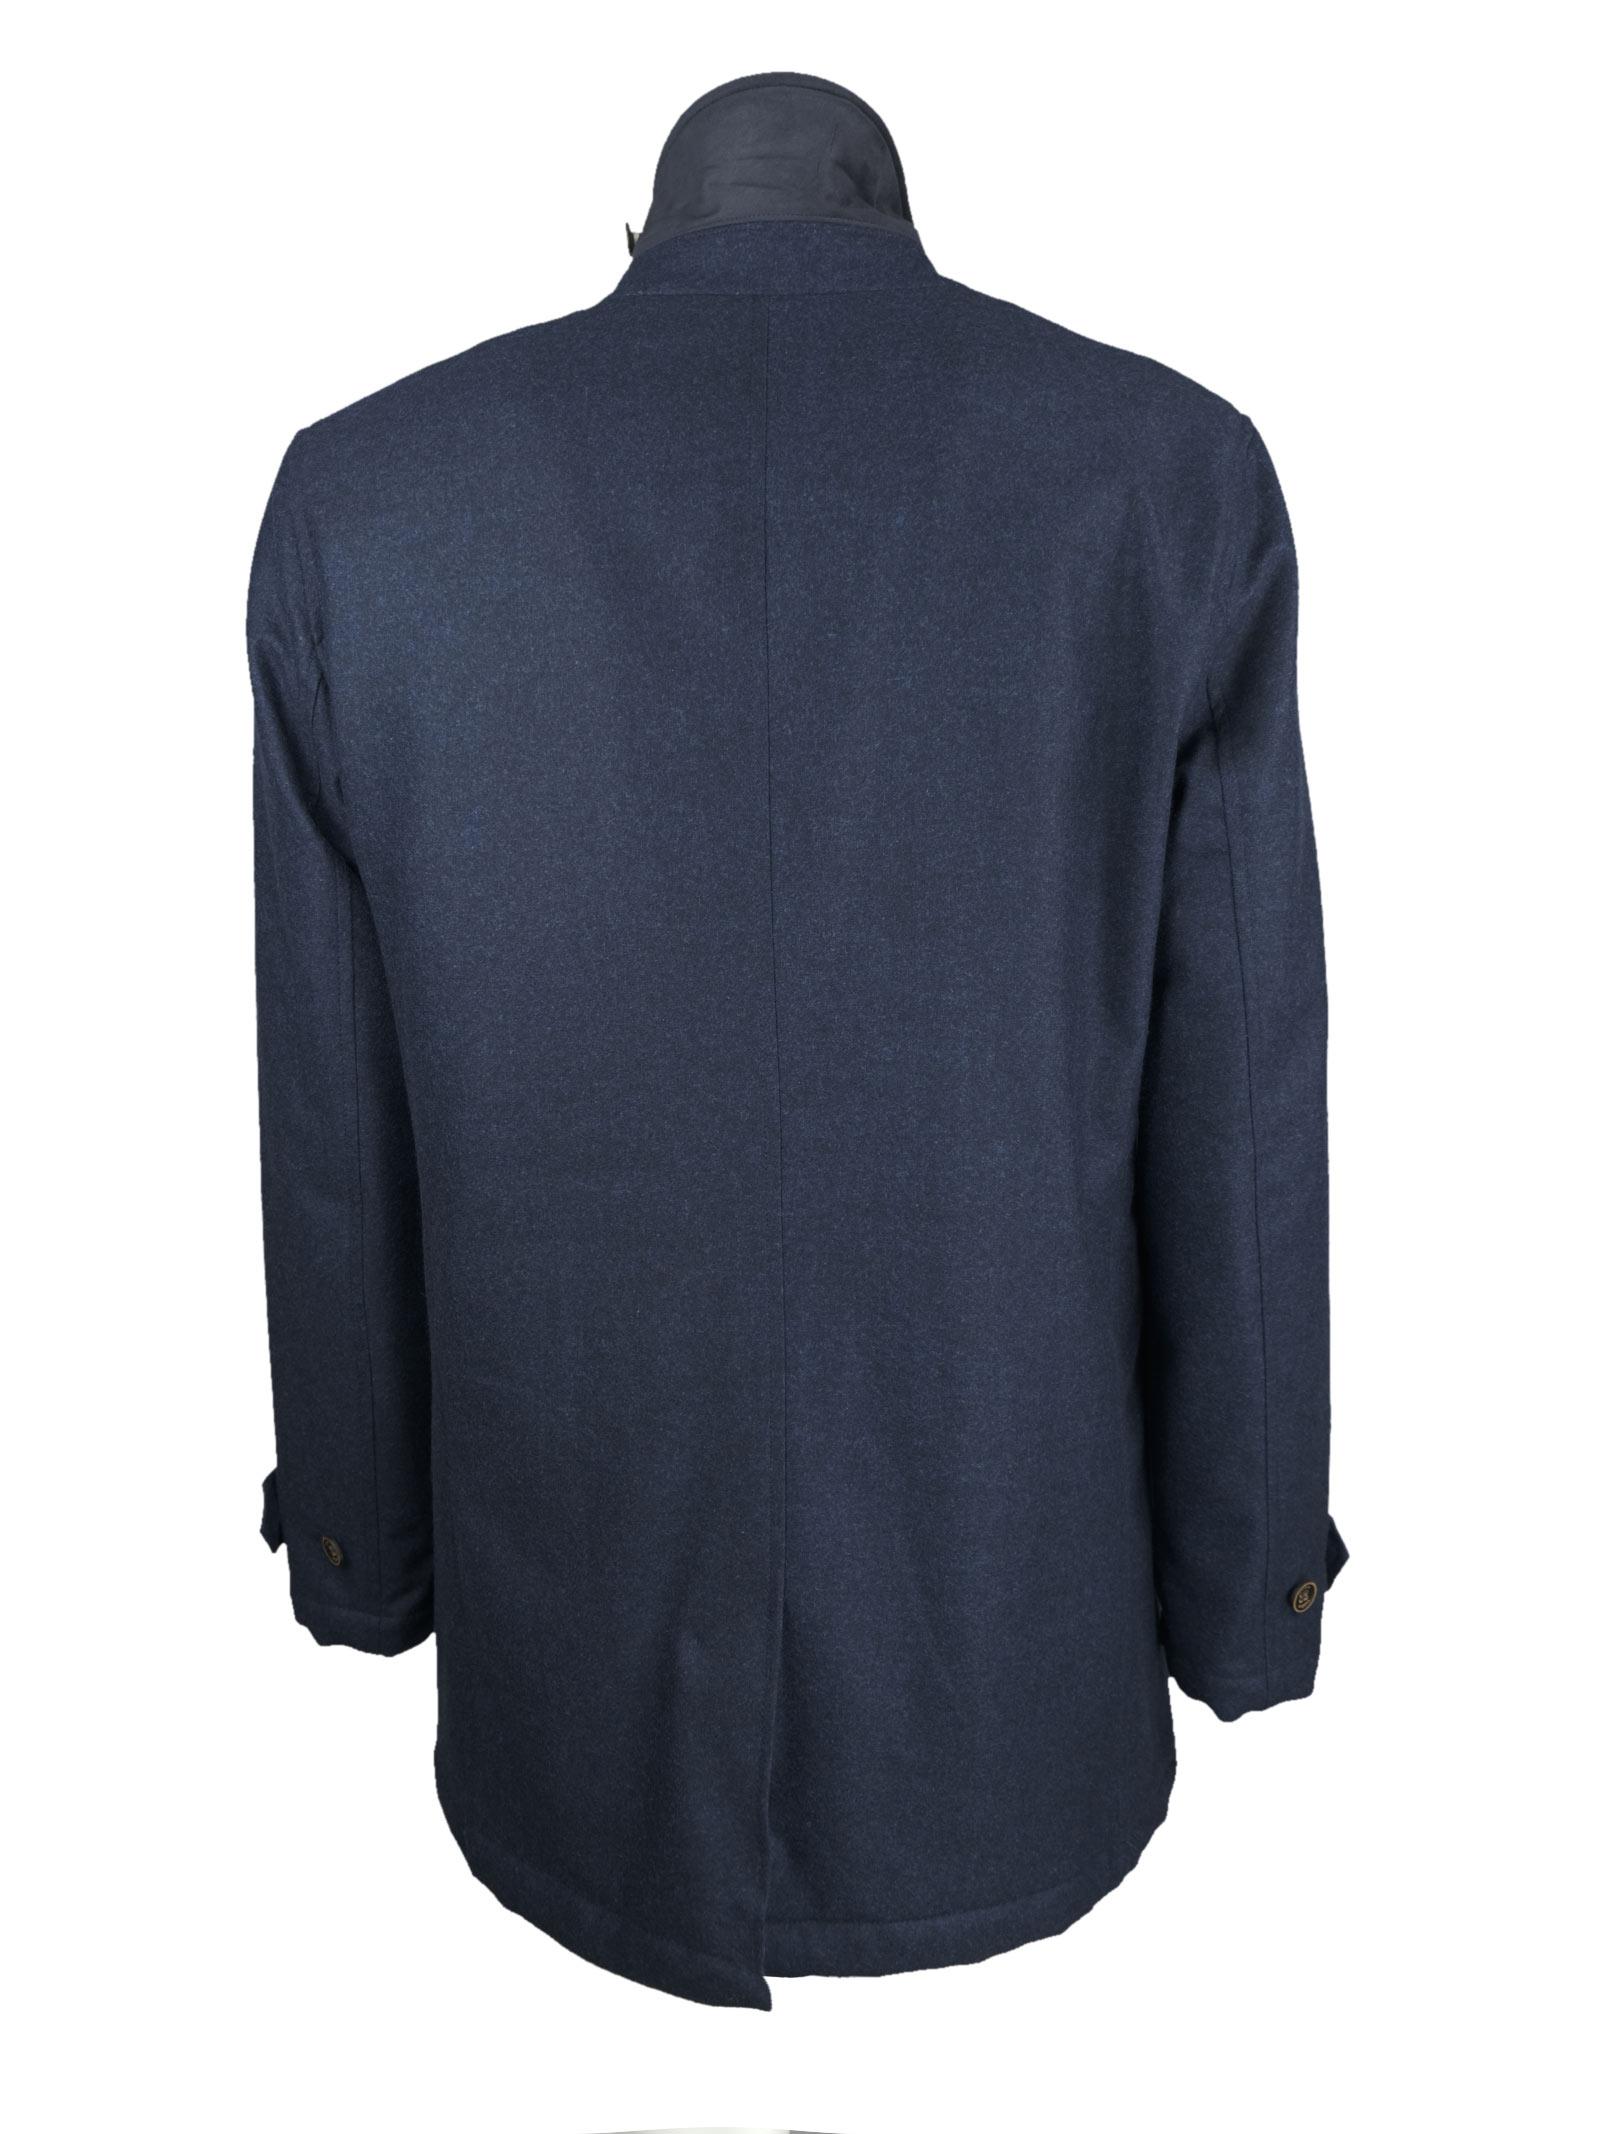 Giaccone in lana CAMPLIN | Giacconi | OVEUKLORO P. BLU